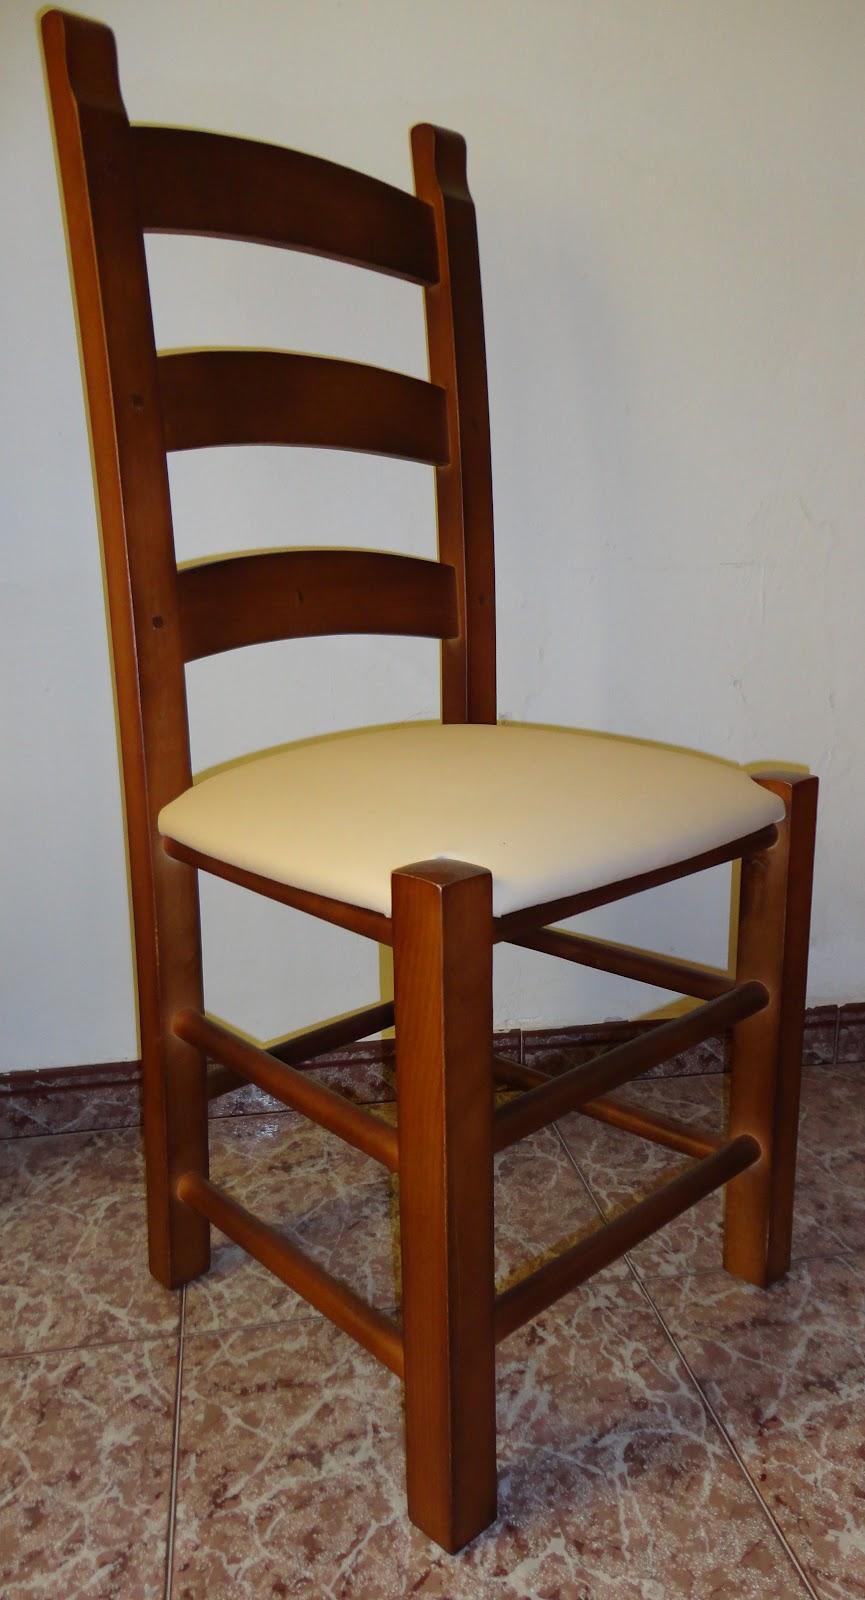 Fabrica de sillas de madera pauli sillas y mesas de for Sillas de madera rusticas